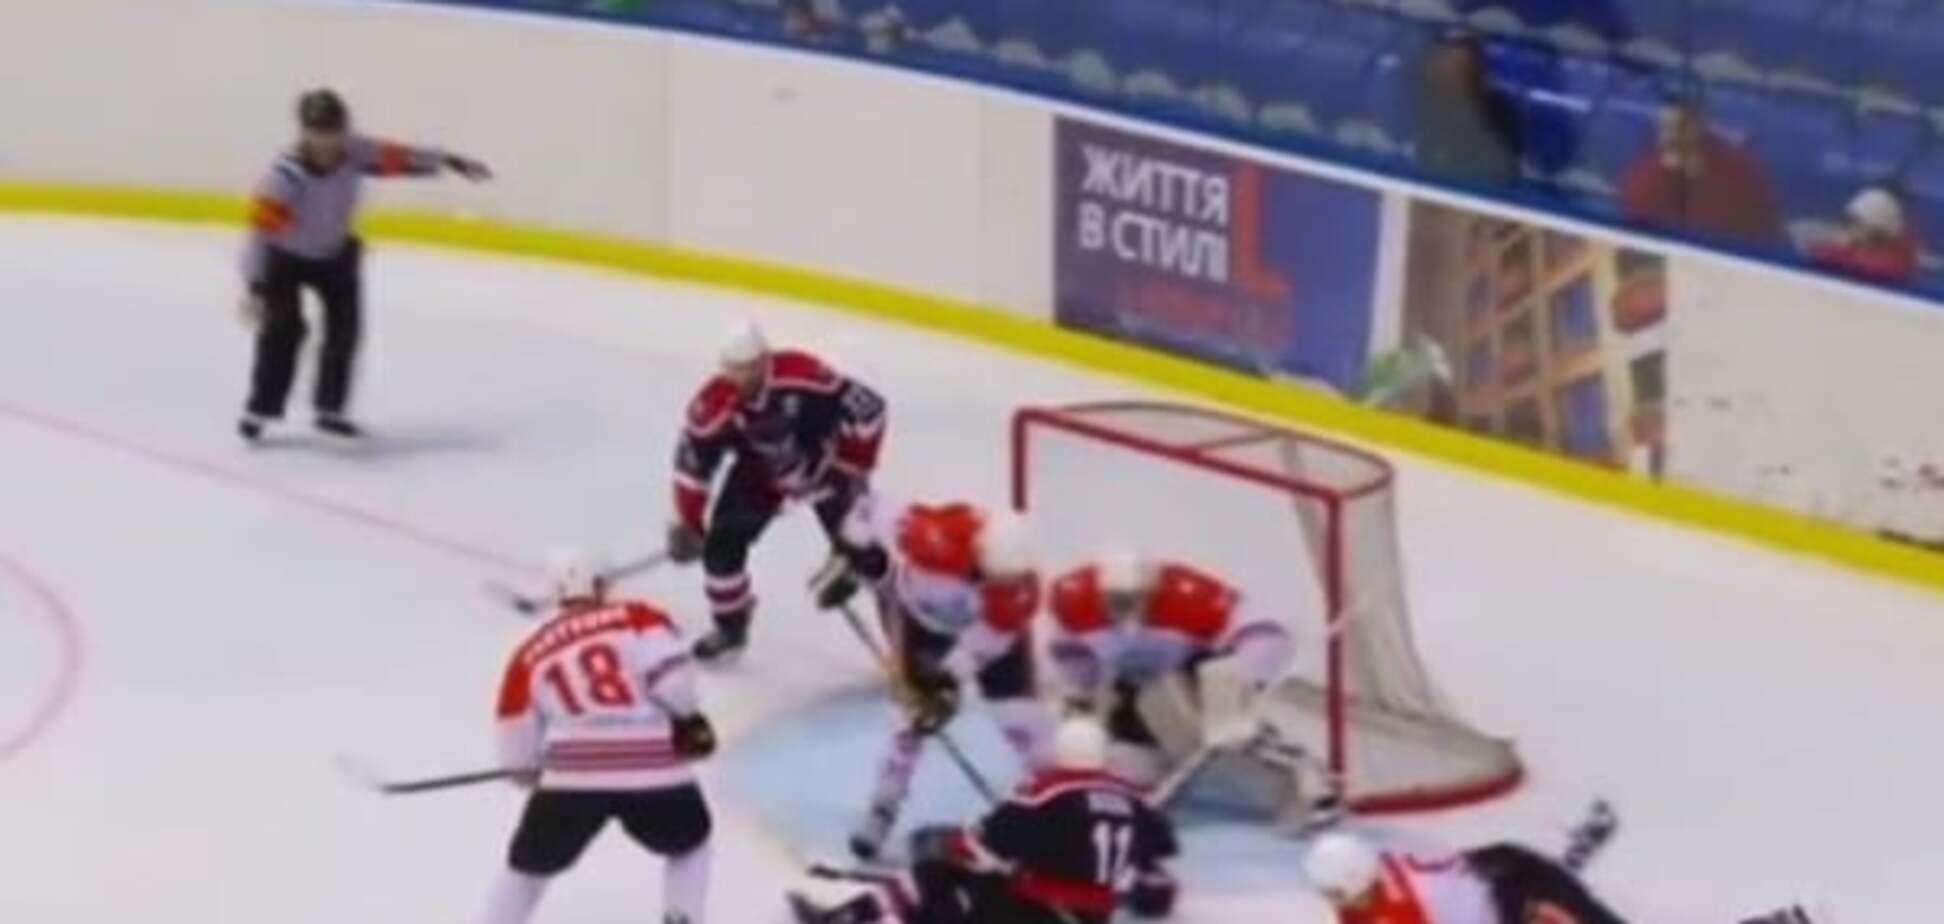 Скандал в чемпионате Украины по хоккею: президента киевлян обвинили в давлении на судей